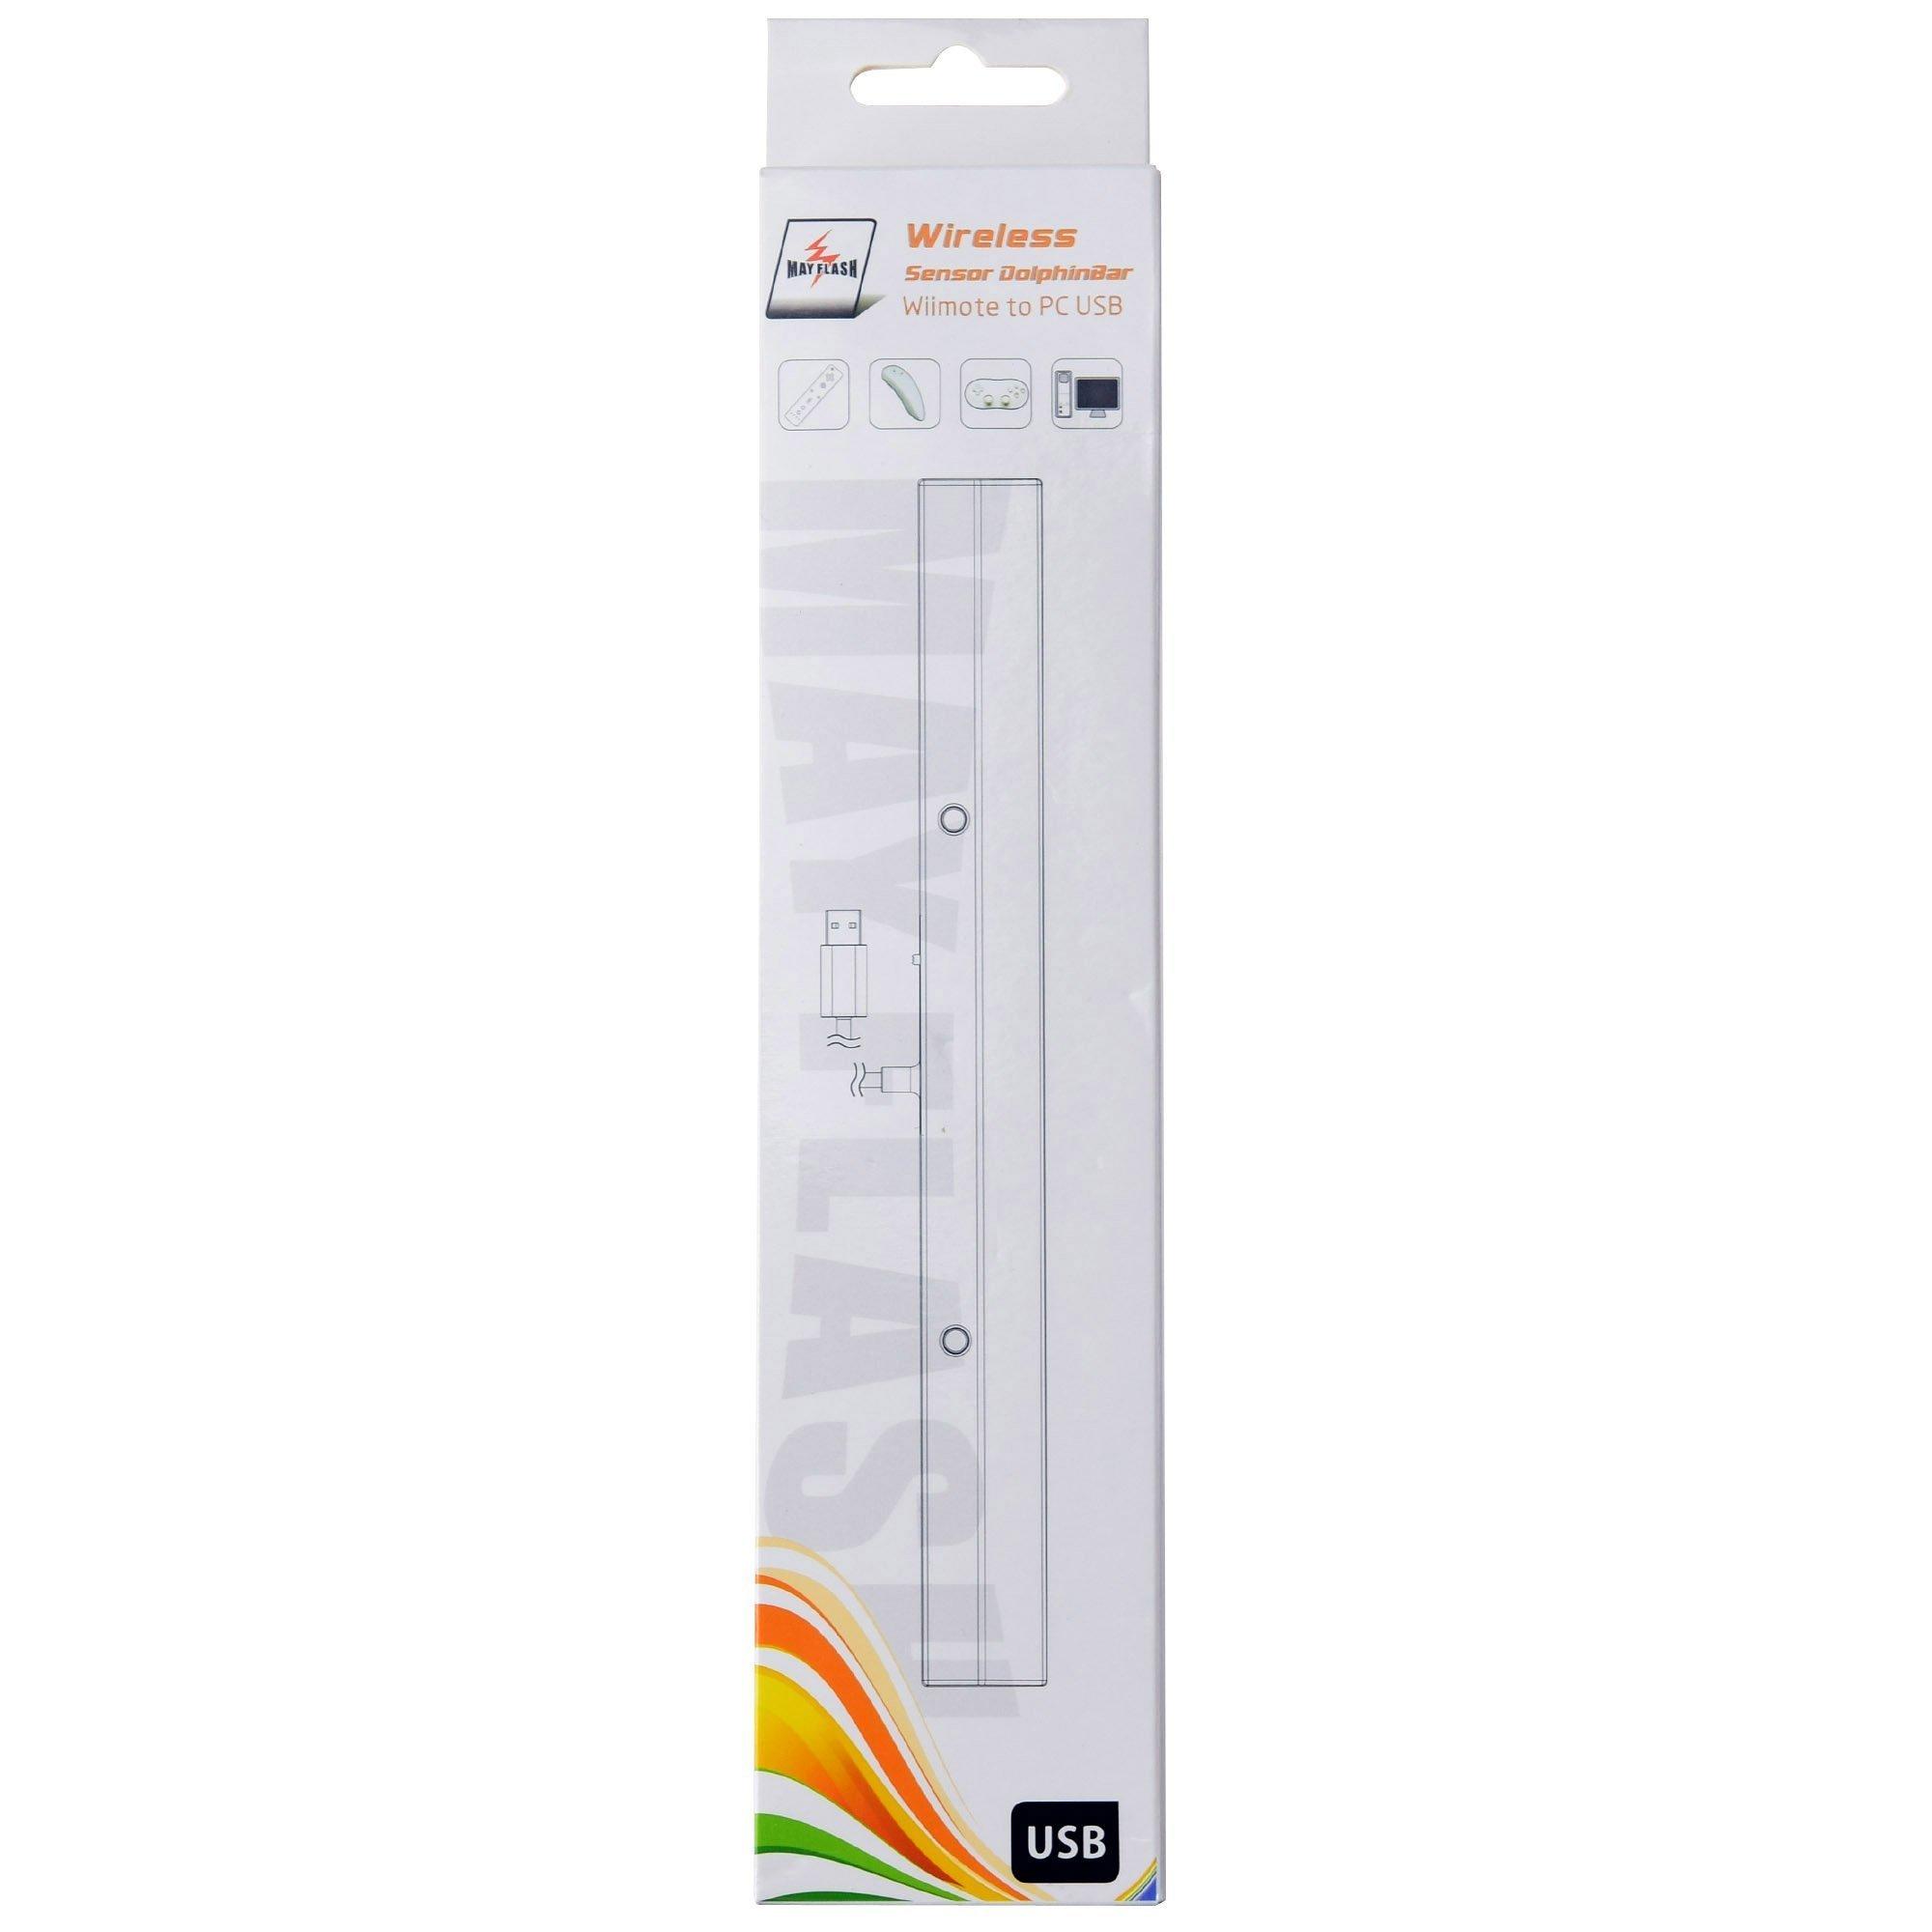 Mayflash W010 Wireless Sensor DolphinBar for Wii